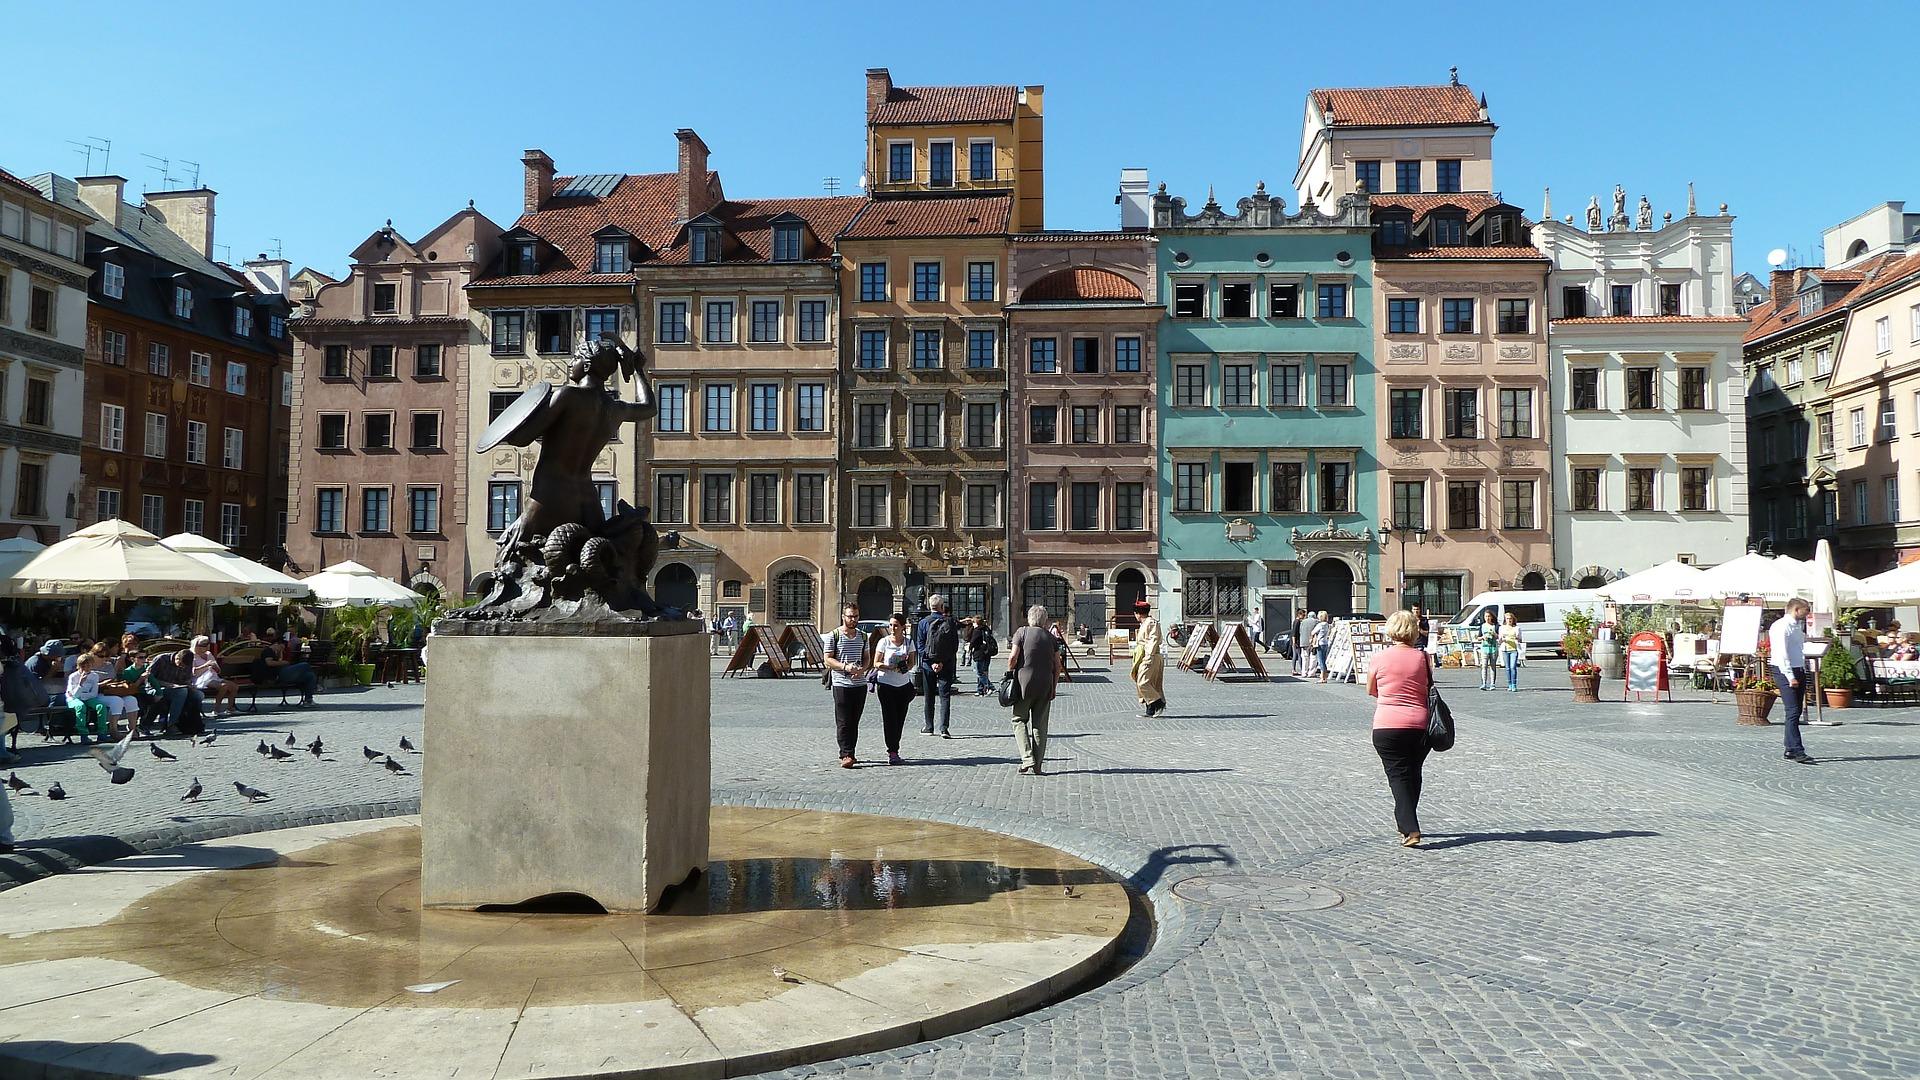 Weltkulturerbe Altstadt von Warschau - Städte Reise Warschau günstigen Flug + Hotel ab 59,98€ 2 Nächte